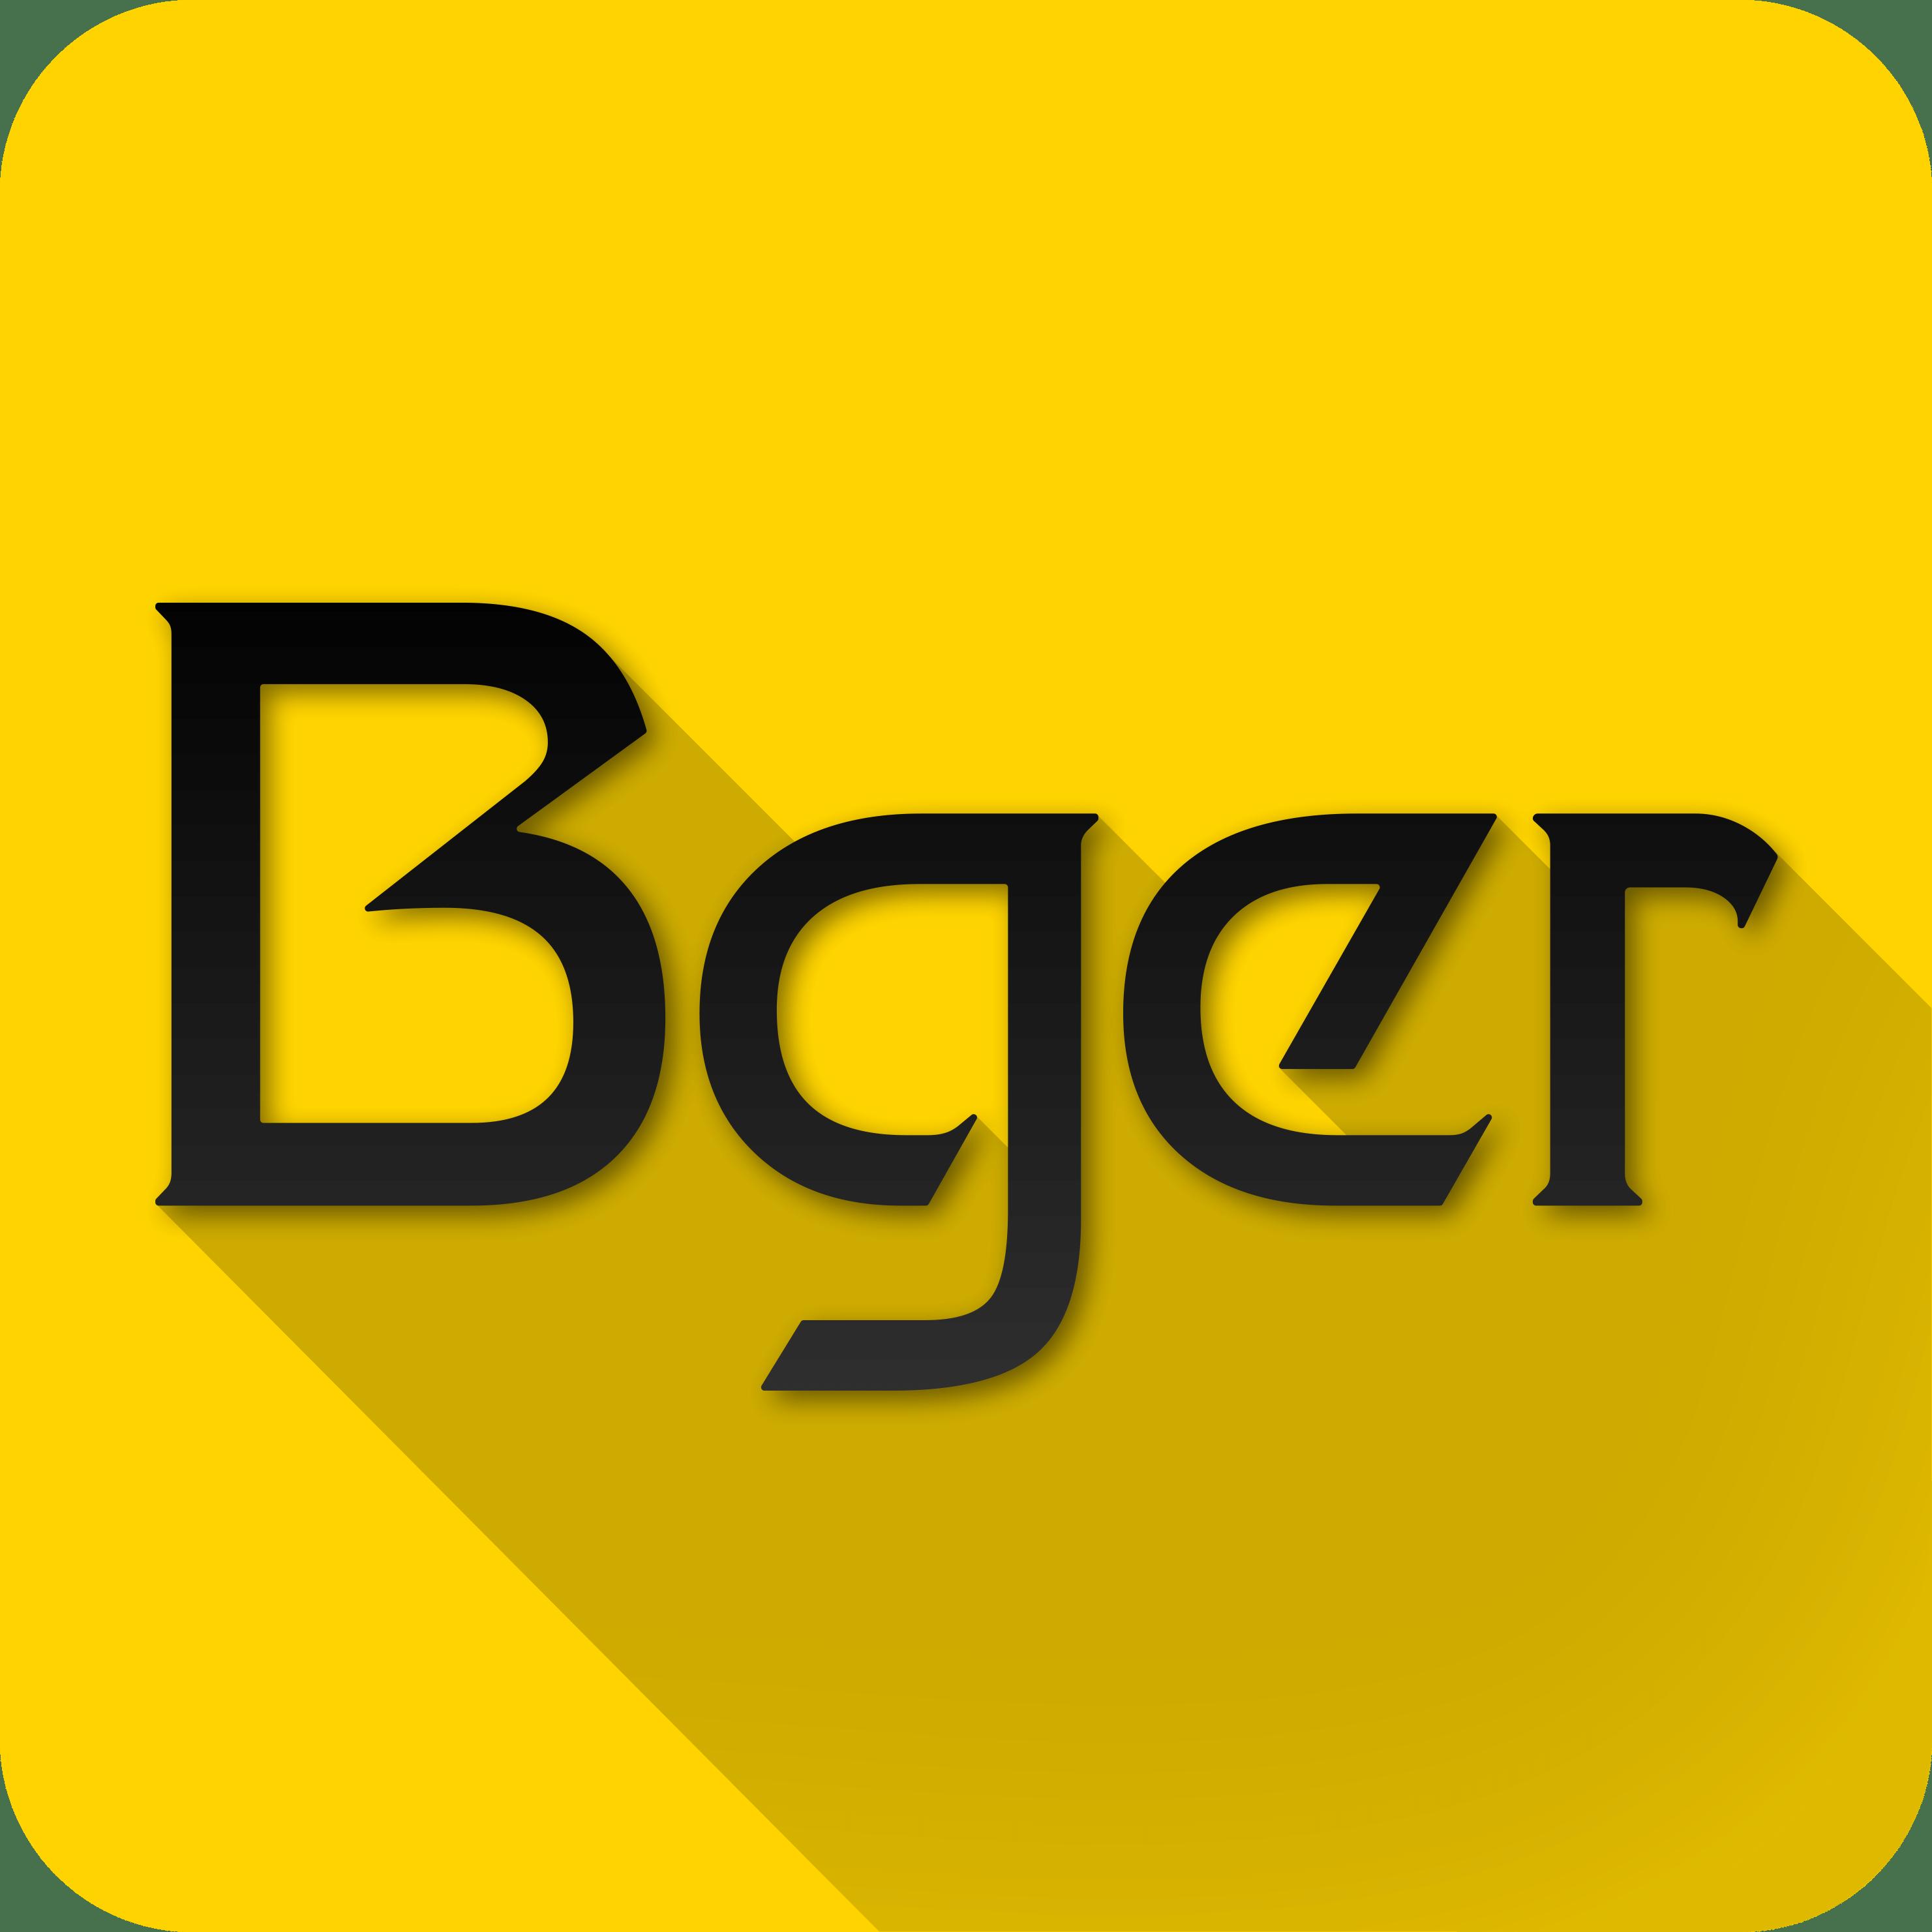 Bger视频制作